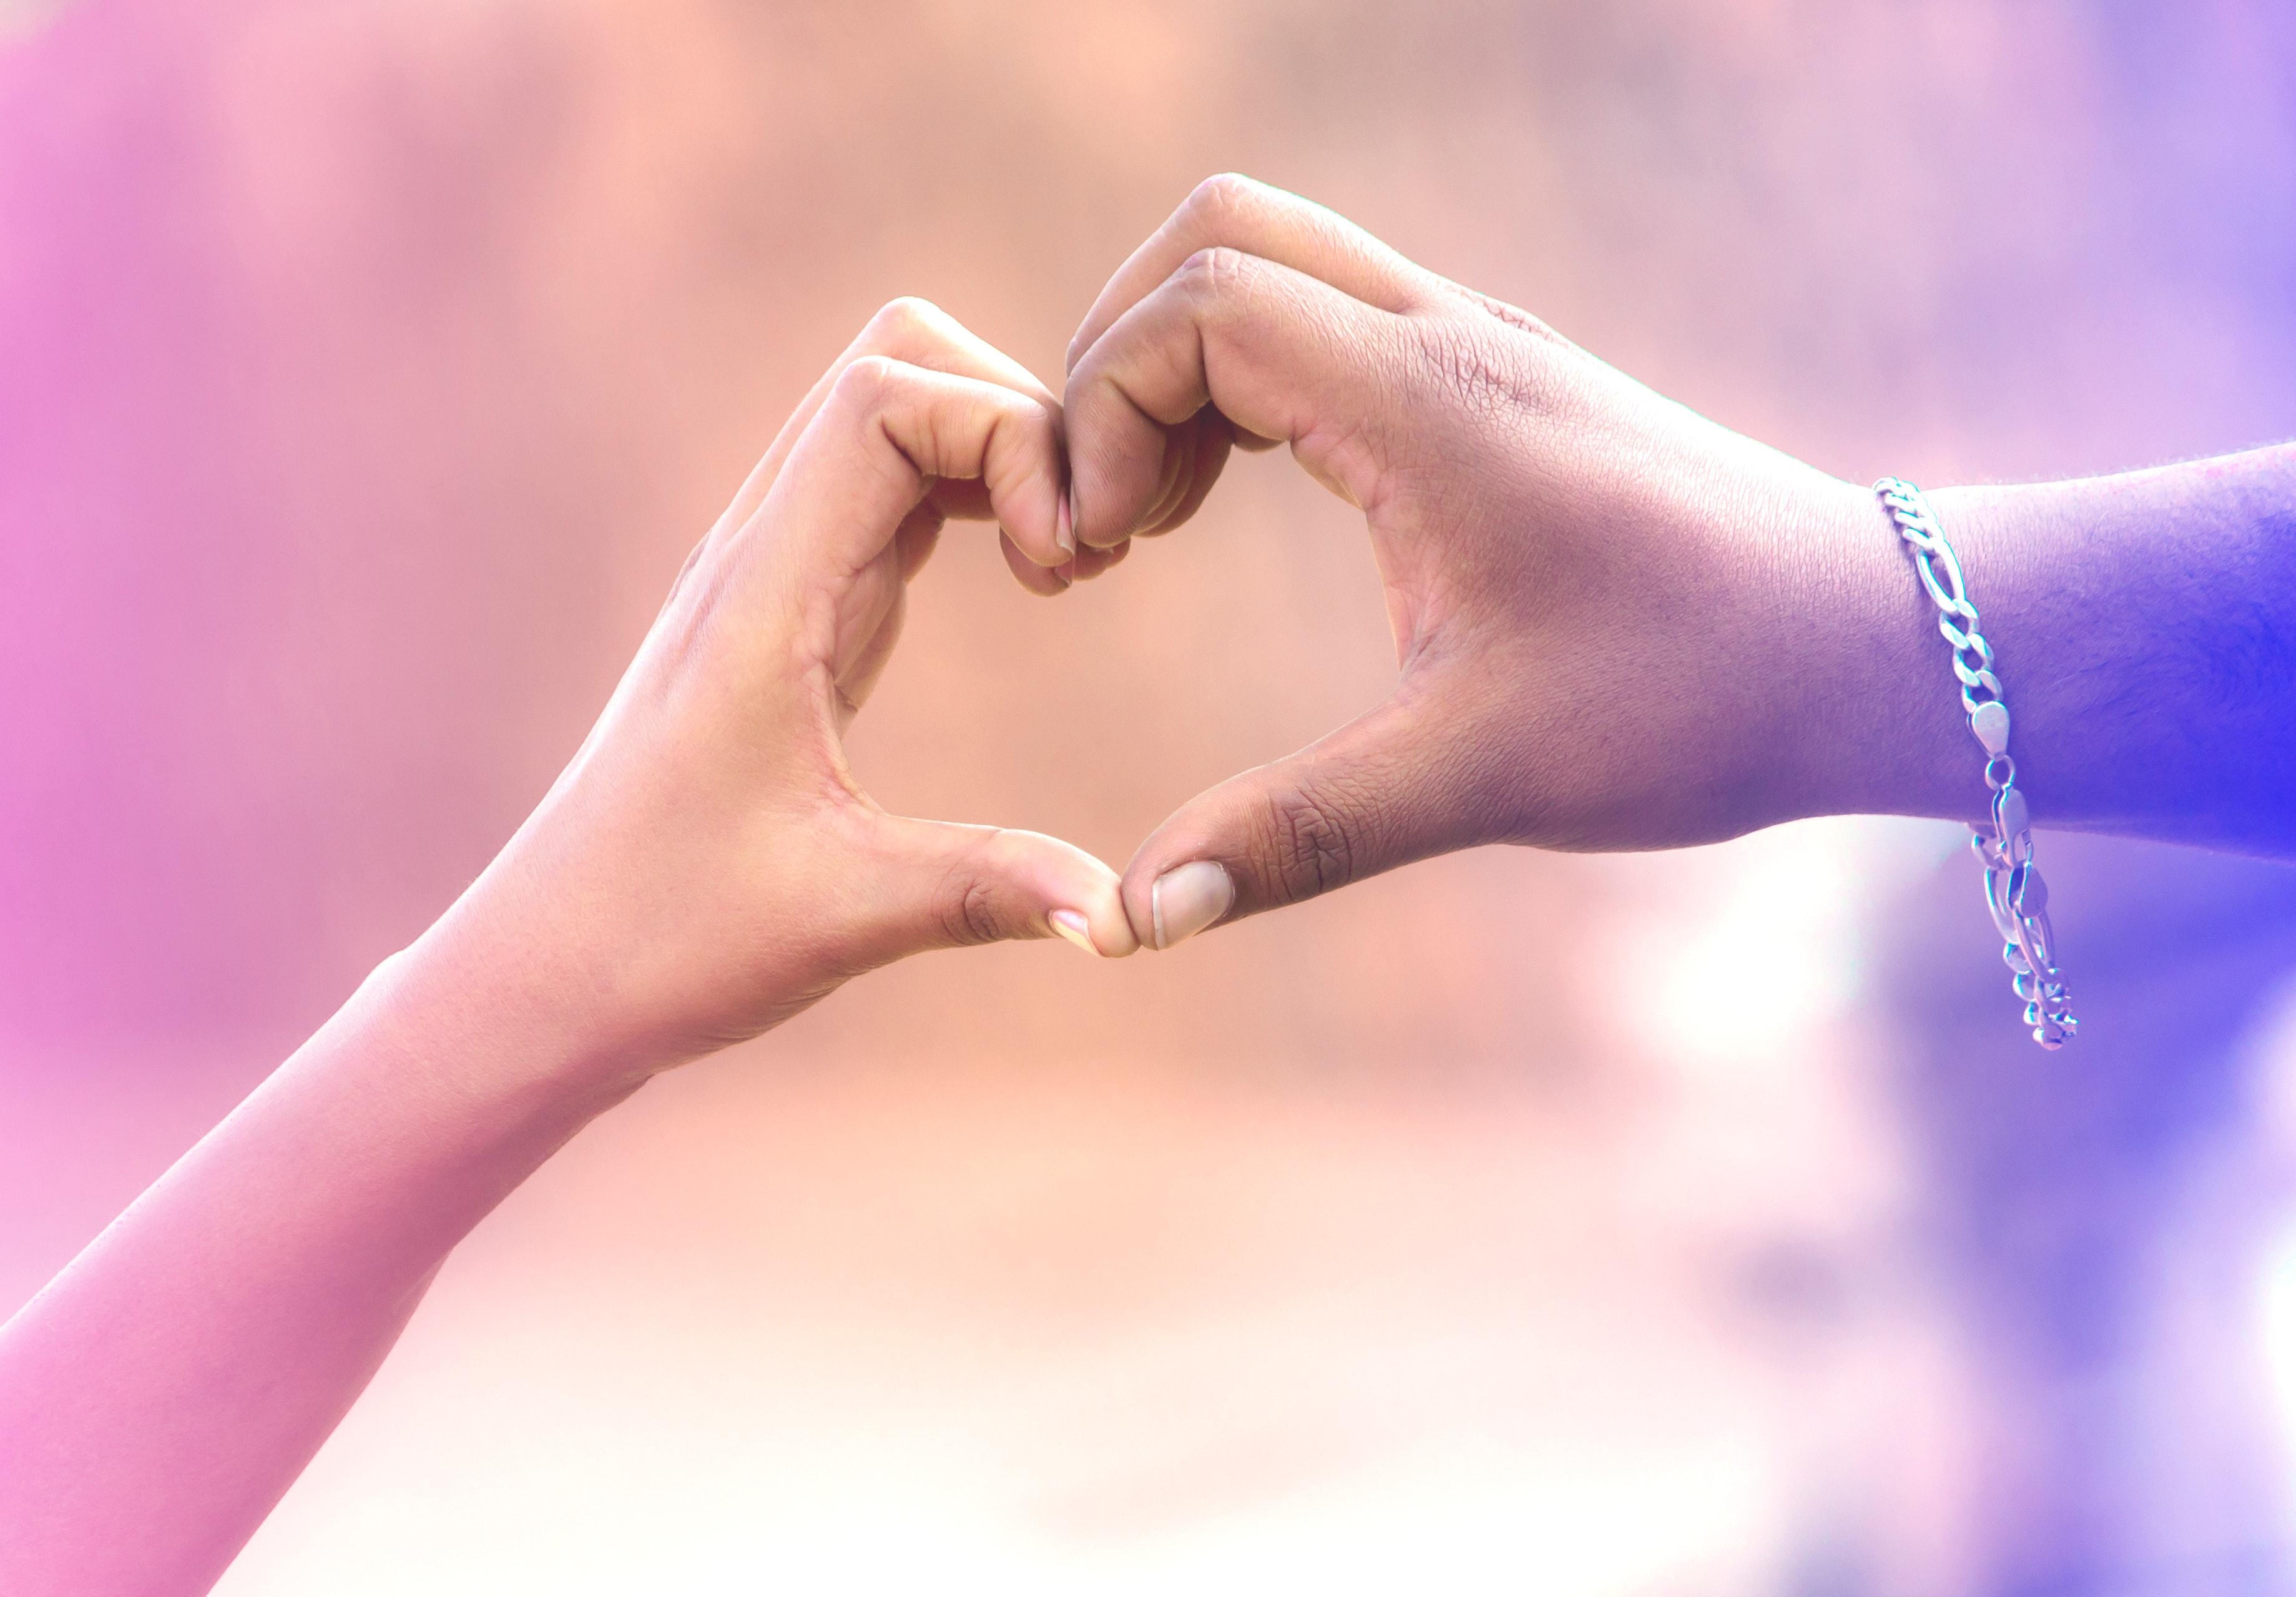 ricerca per coppie romantiche sesso mondo annuncio